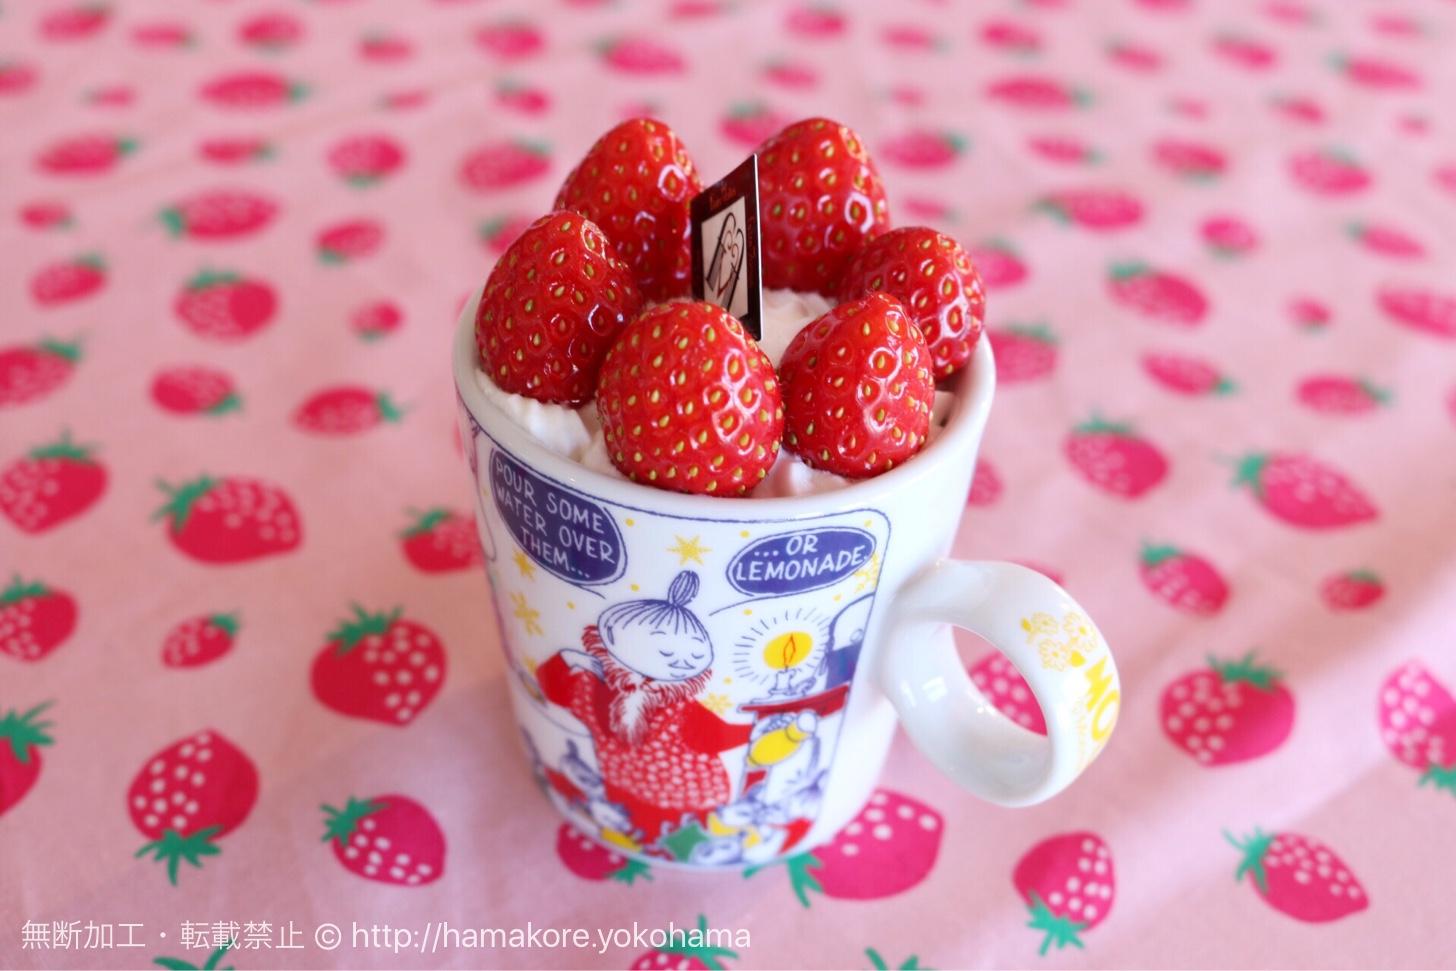 パティスリーフェアベール「苺のババロア」500円